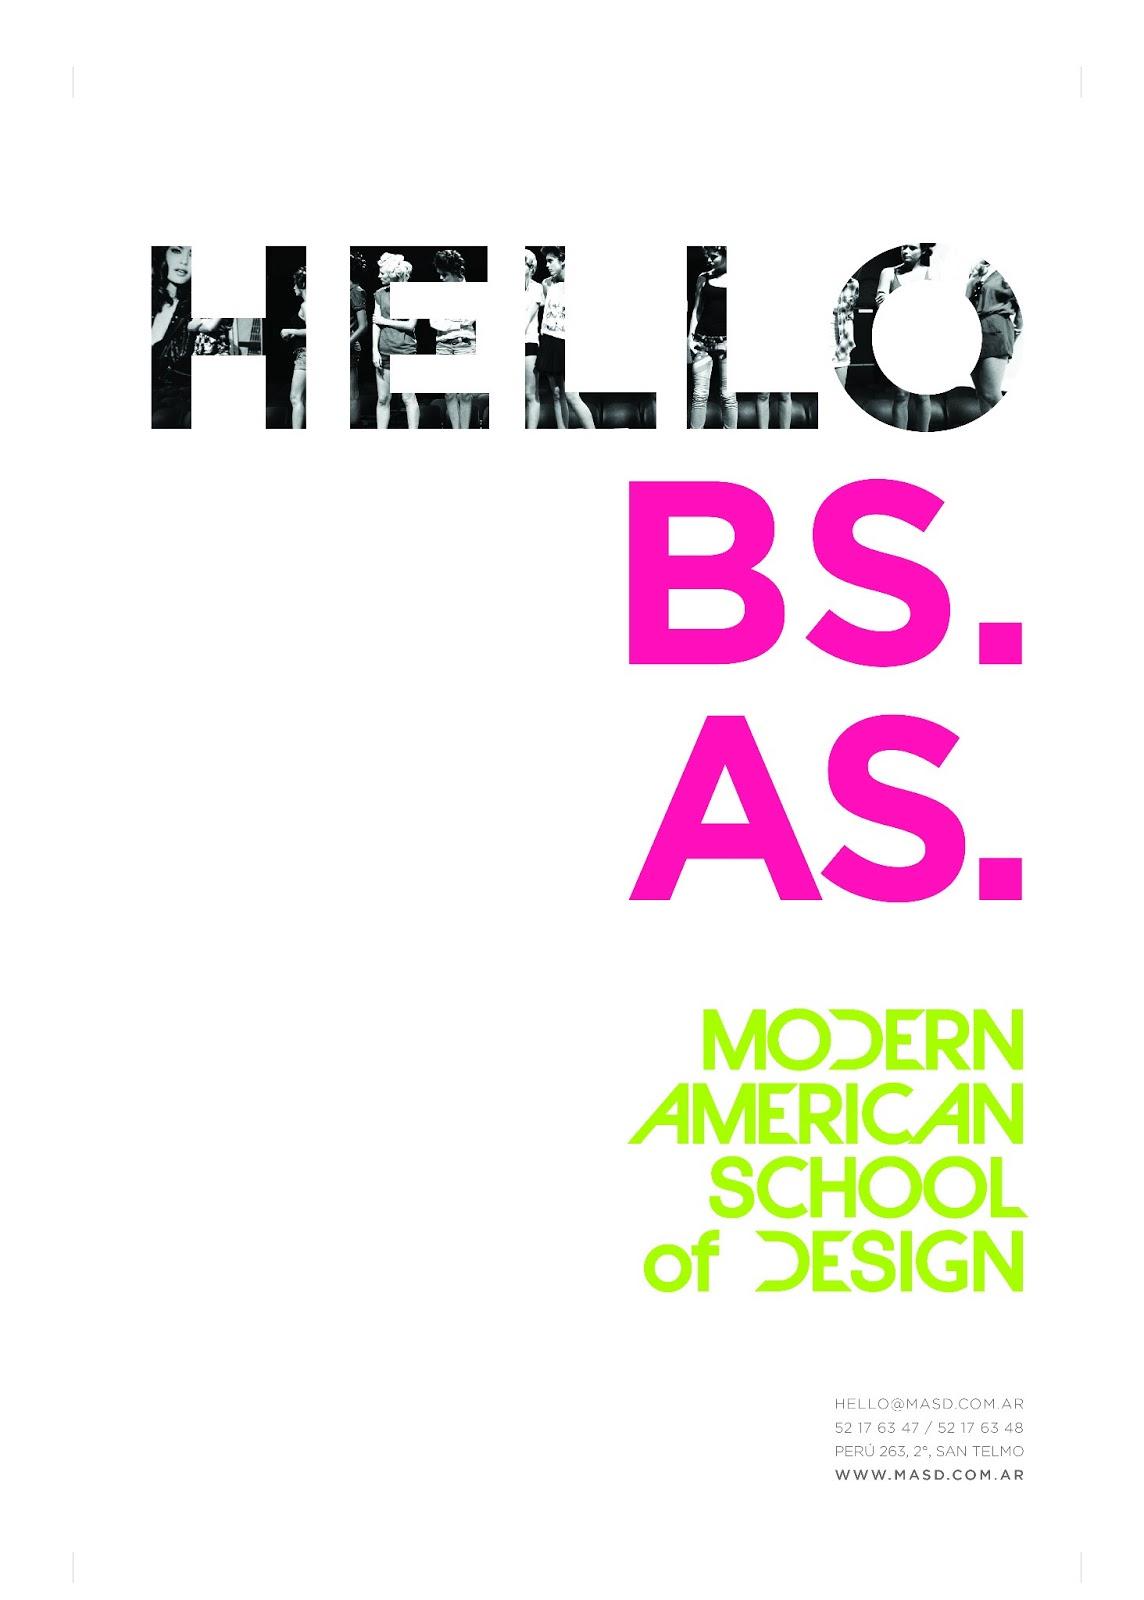 masd modern american school of design hello ba loca x la moda